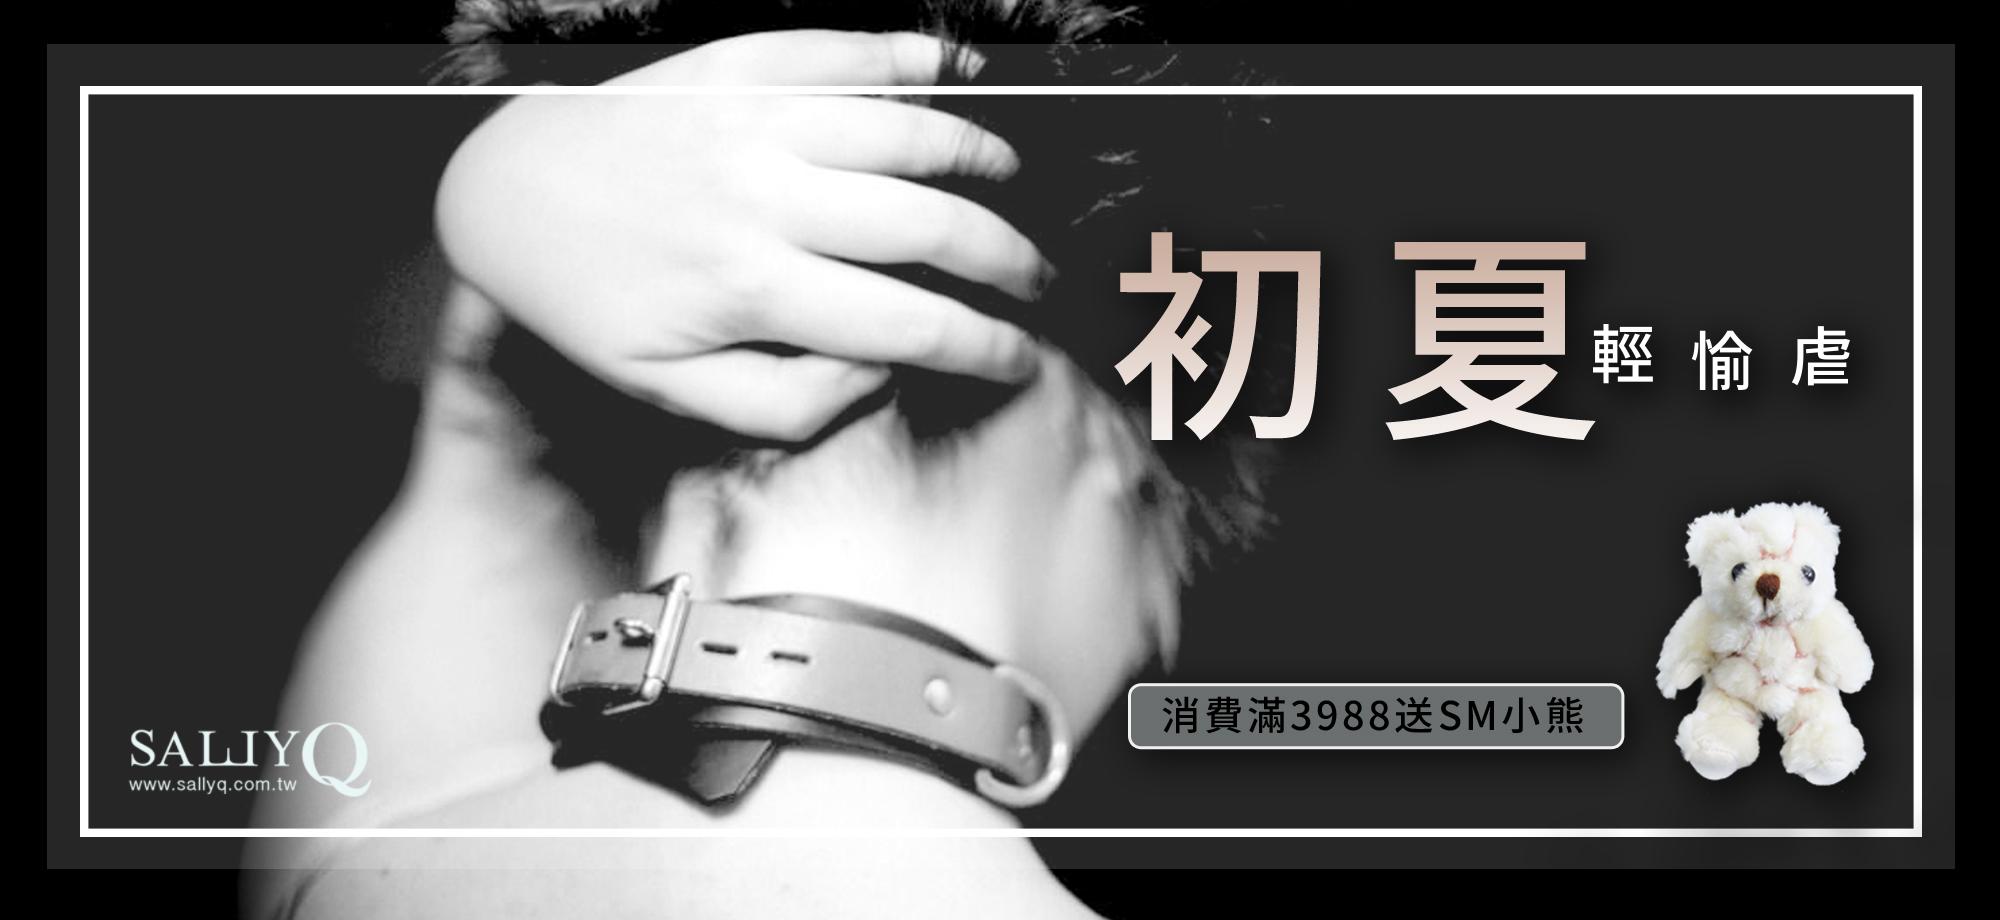 【初夏.輕愉虐】活動,消費滿3988即贈SM小熊